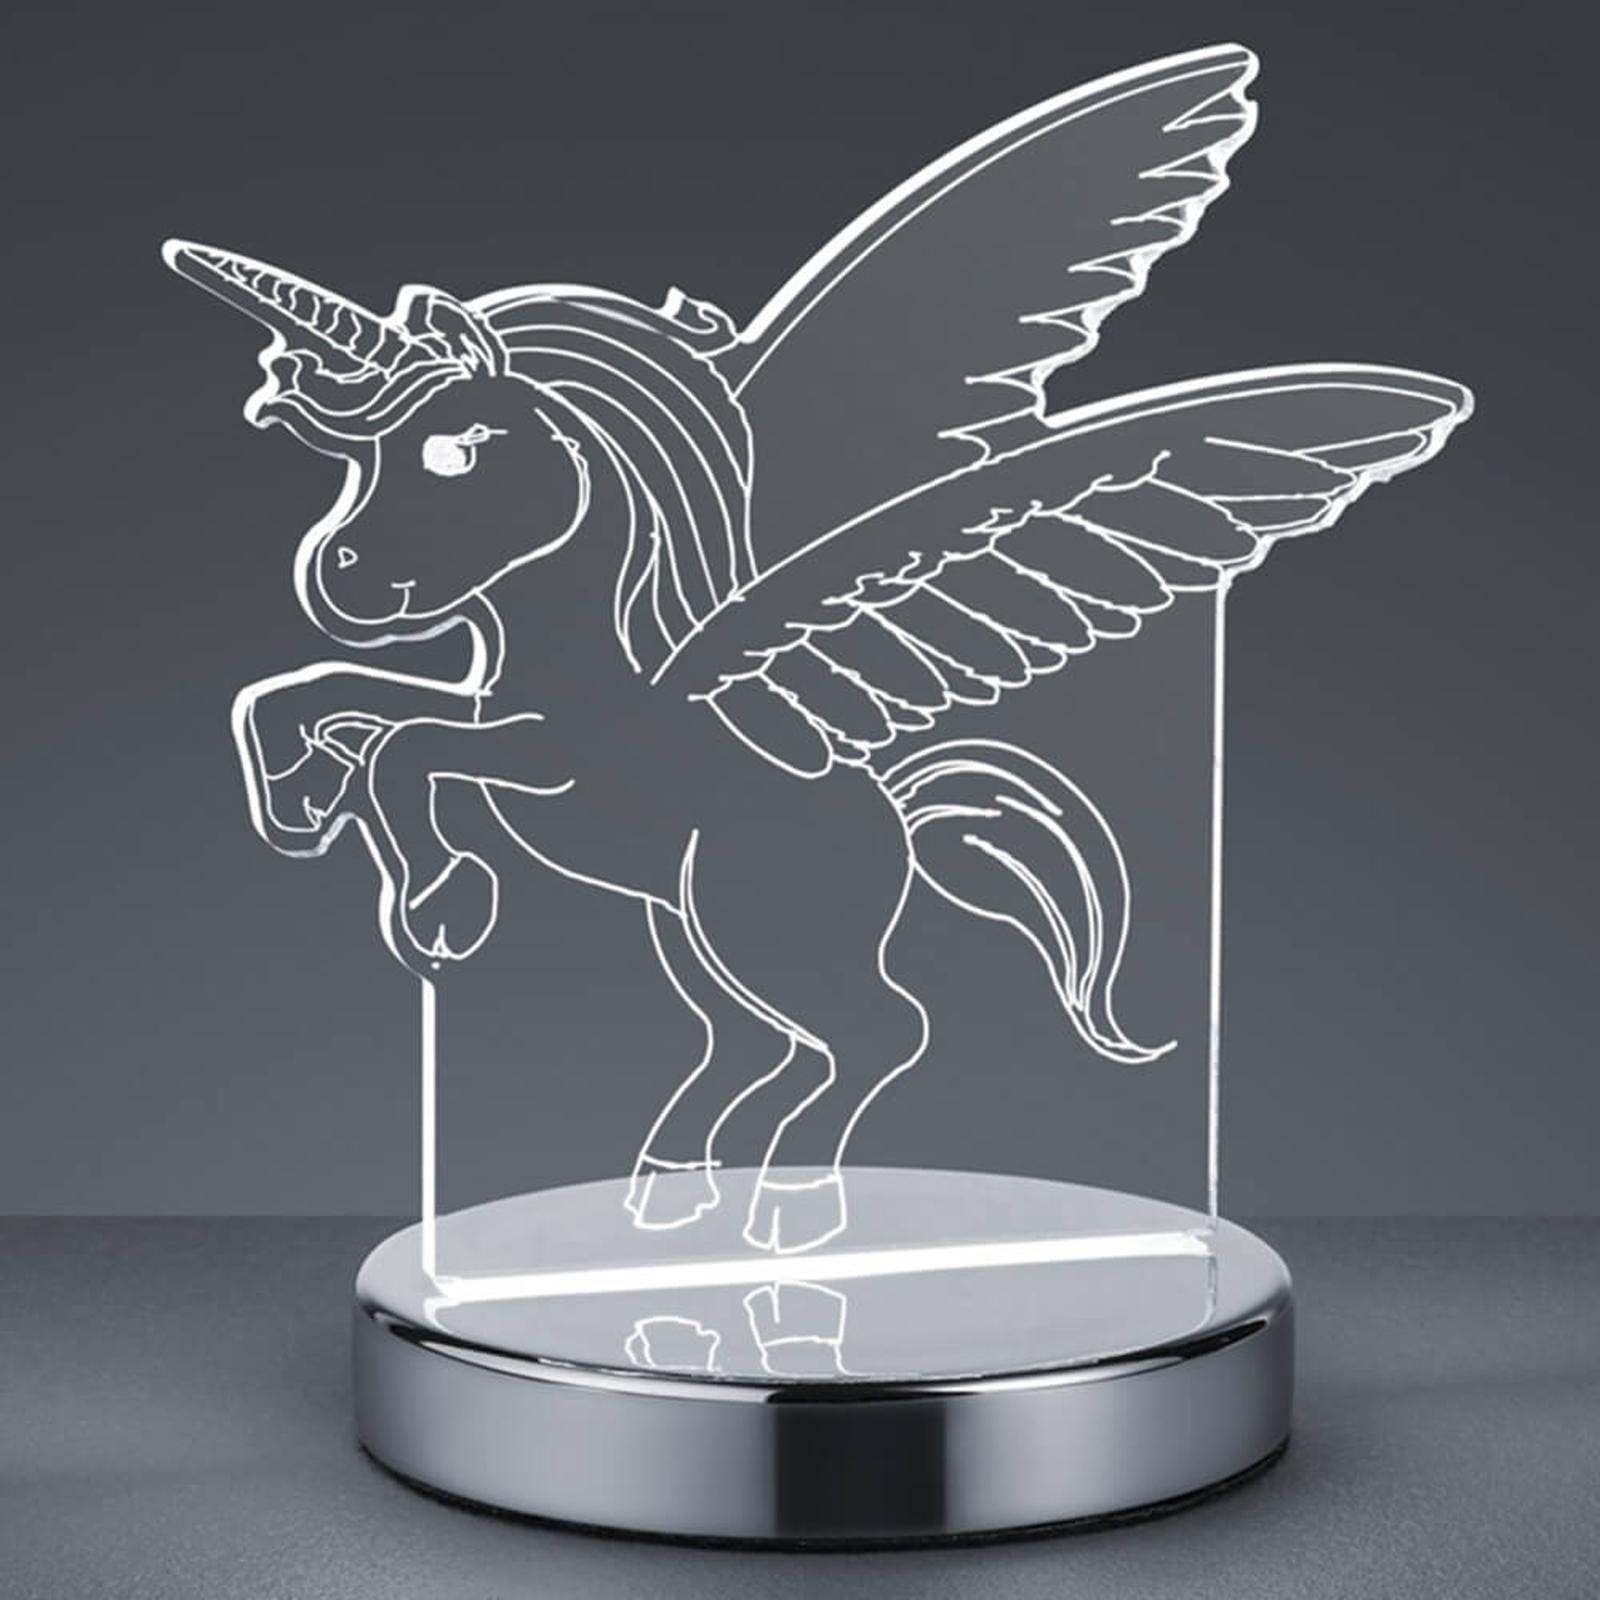 3d Hologramm Tischleuchte Karo M Einhorn Motiv Kaufen Lampenwelt De